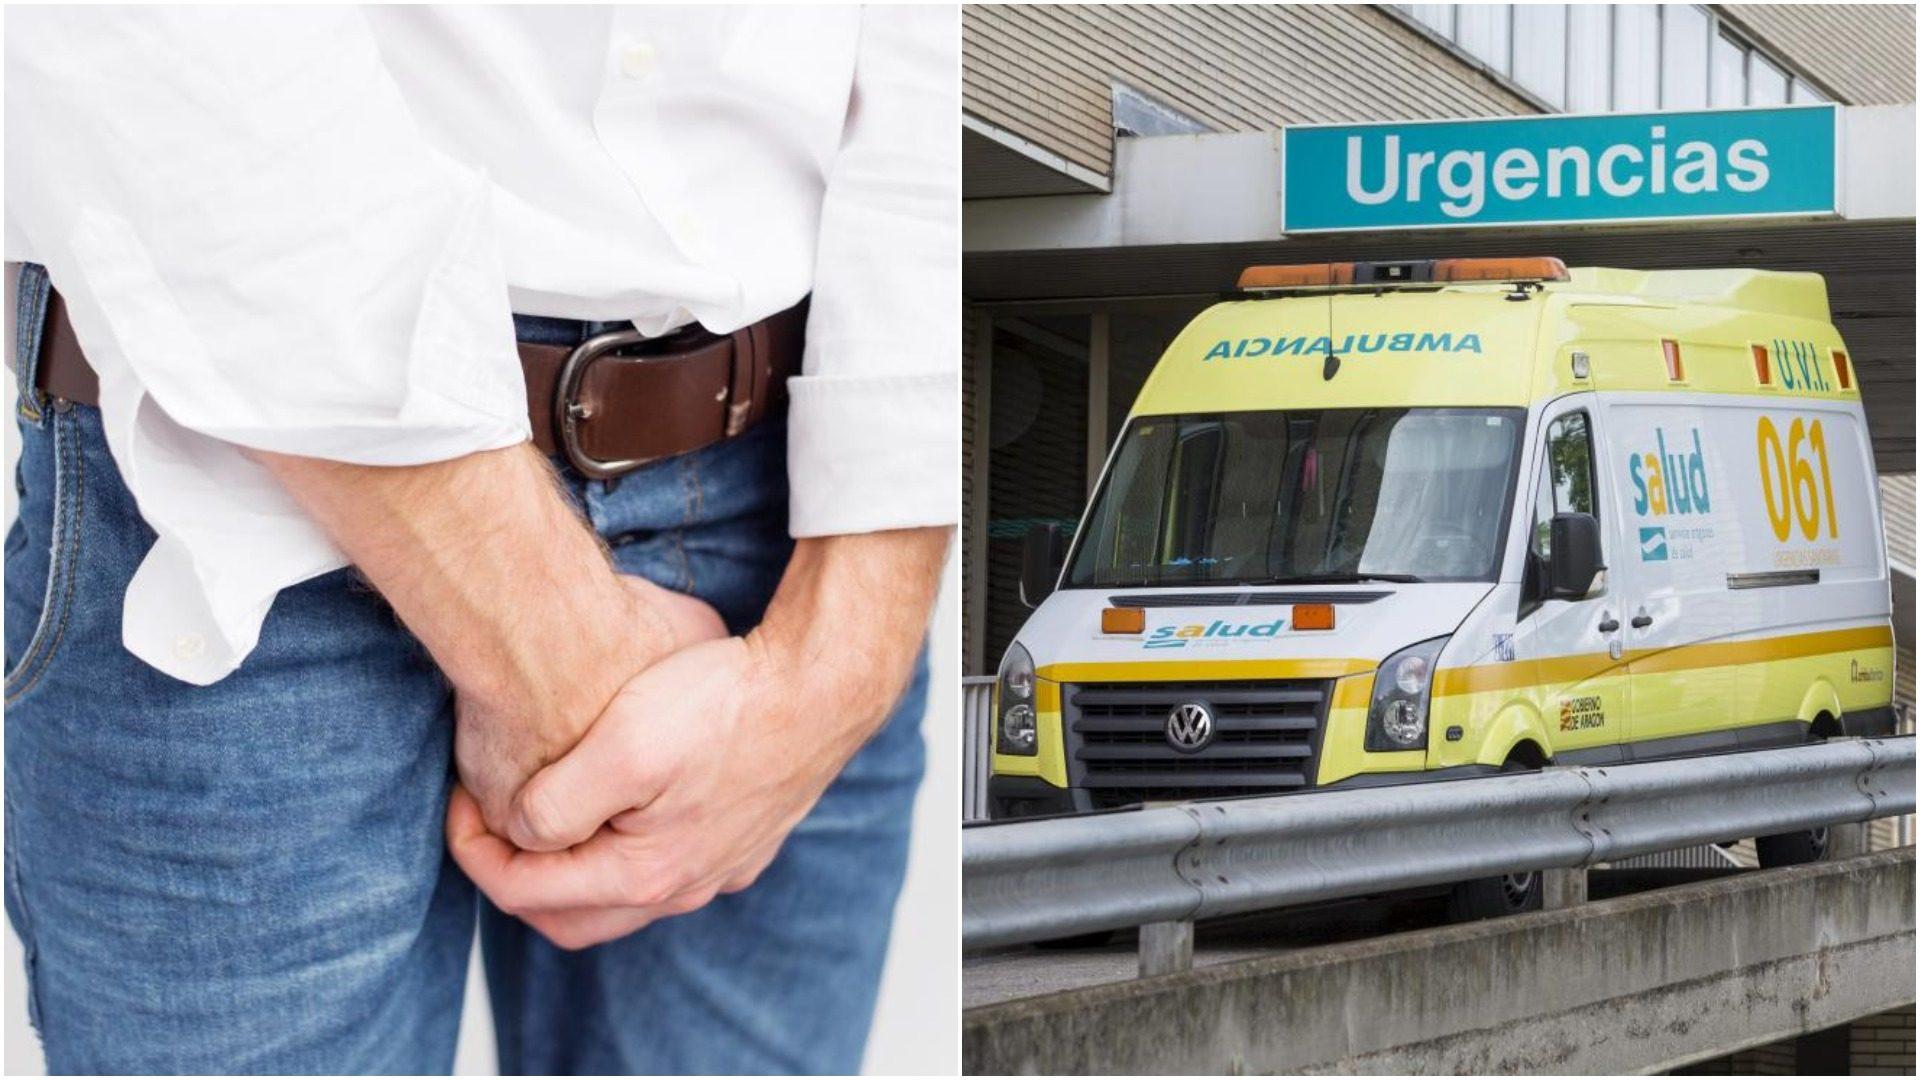 Si taglia il pene e vaga sanguinante per strada: è il secondo caso in poche settimane